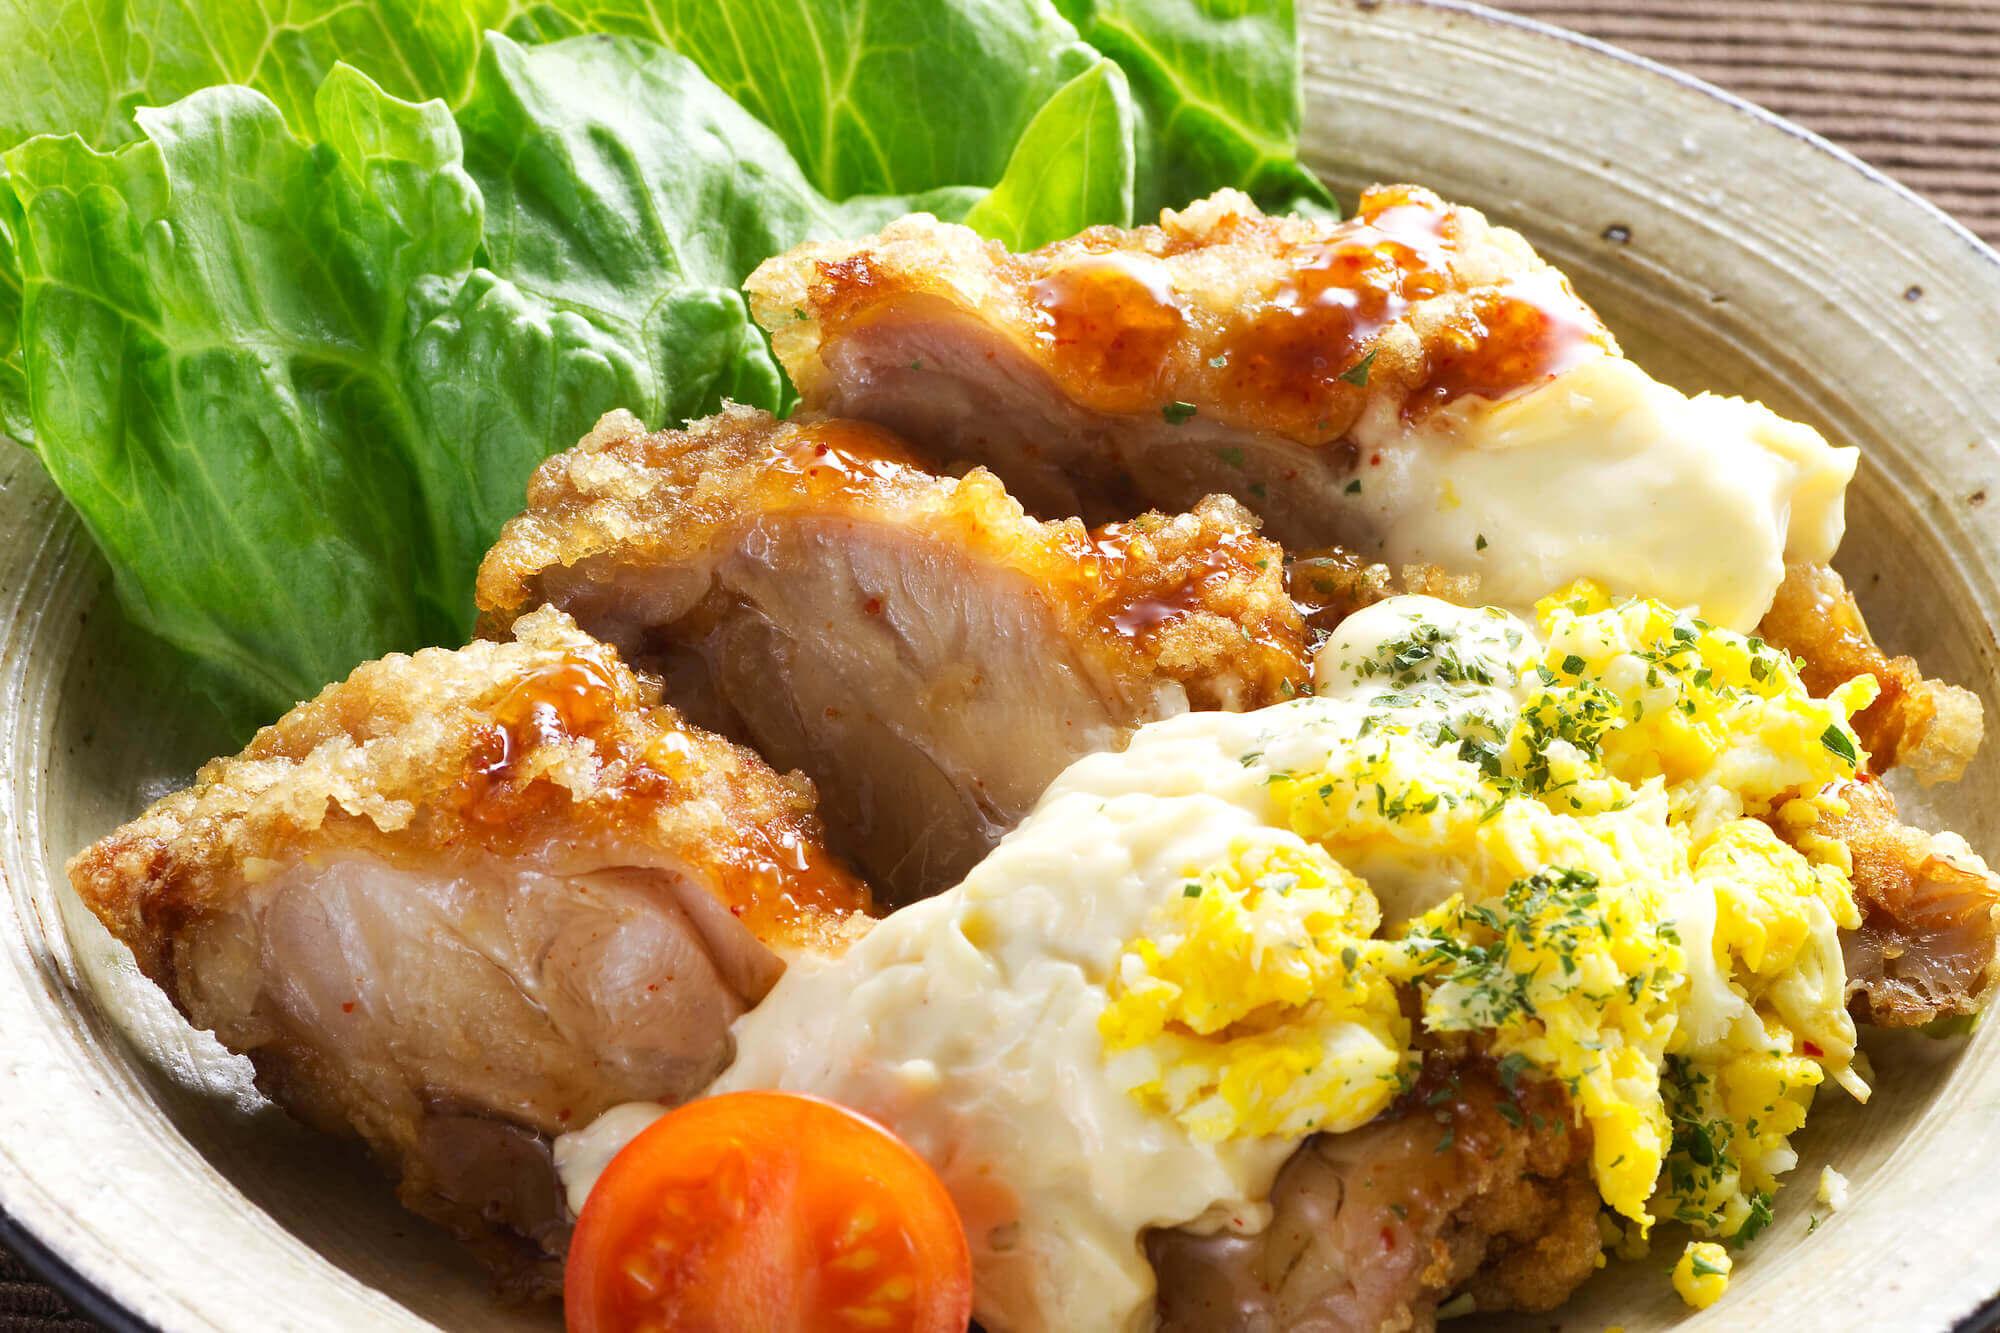 ジューシーお肉×シャキシャキ菊芋で健康レシピ!低糖ダイエットに◎